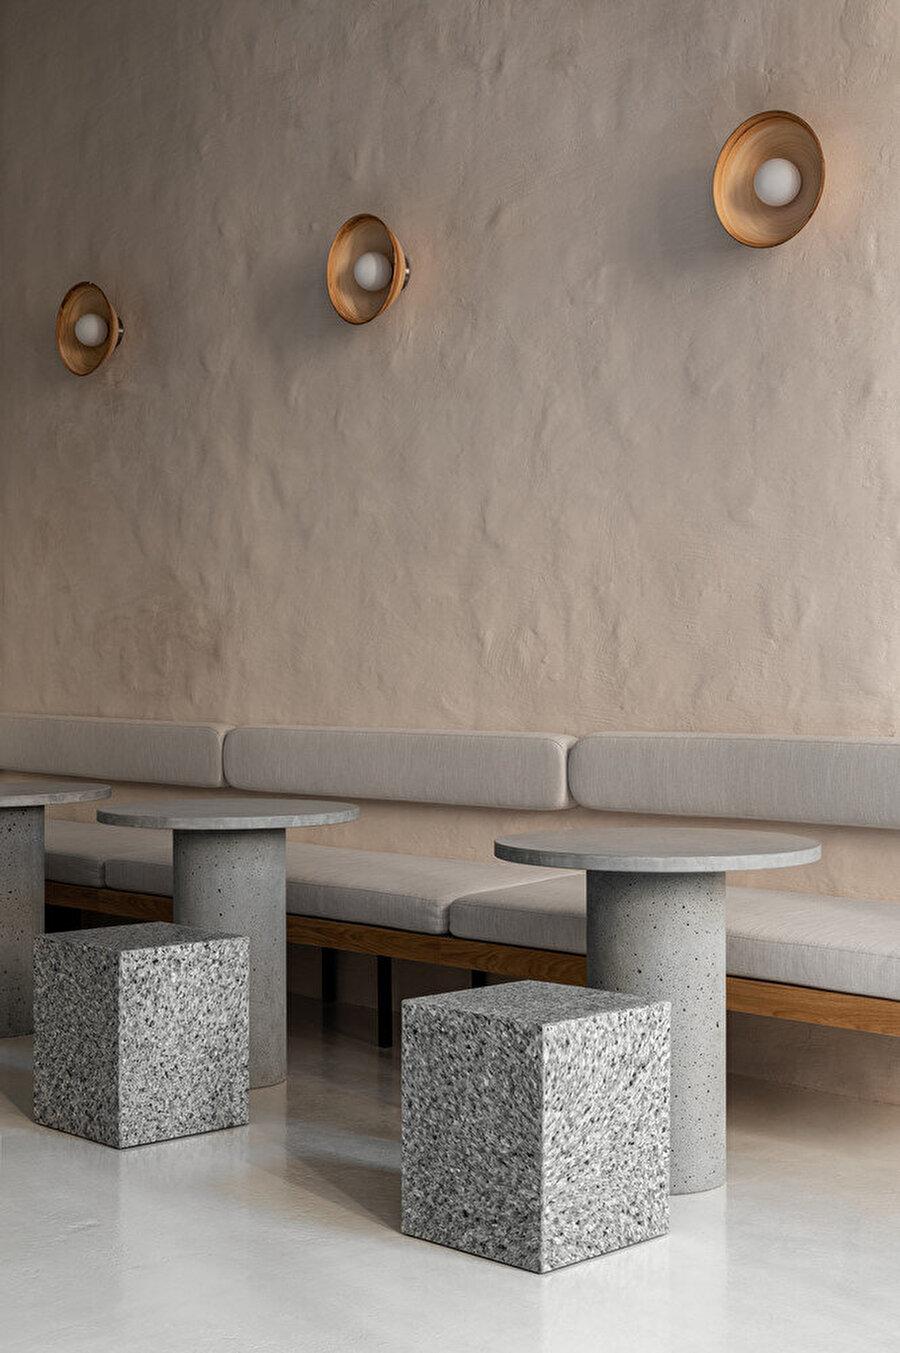 Duvarlarda bulunan bir dizi oval ahşap aplik, gün batımından sonra iç mekanı soft bir ışıkla aydınlatıyor.